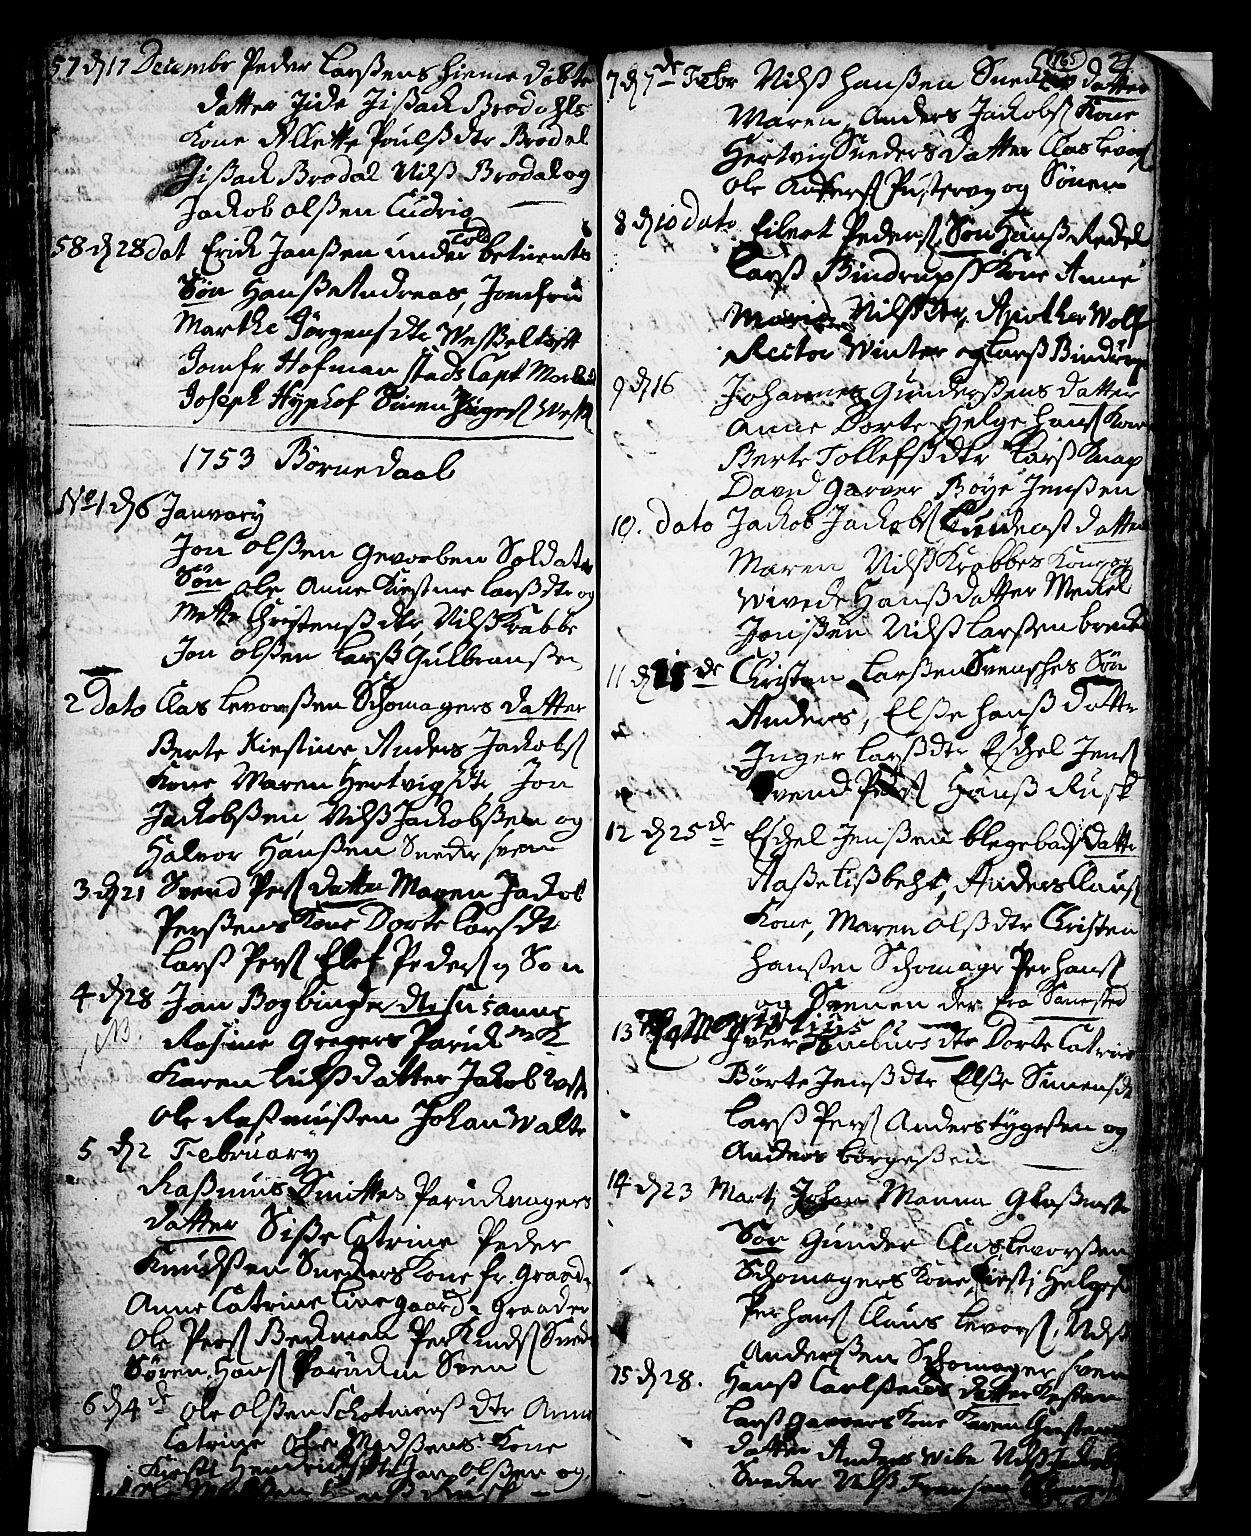 SAKO, Skien kirkebøker, F/Fa/L0002: Ministerialbok nr. 2, 1716-1757, s. 165